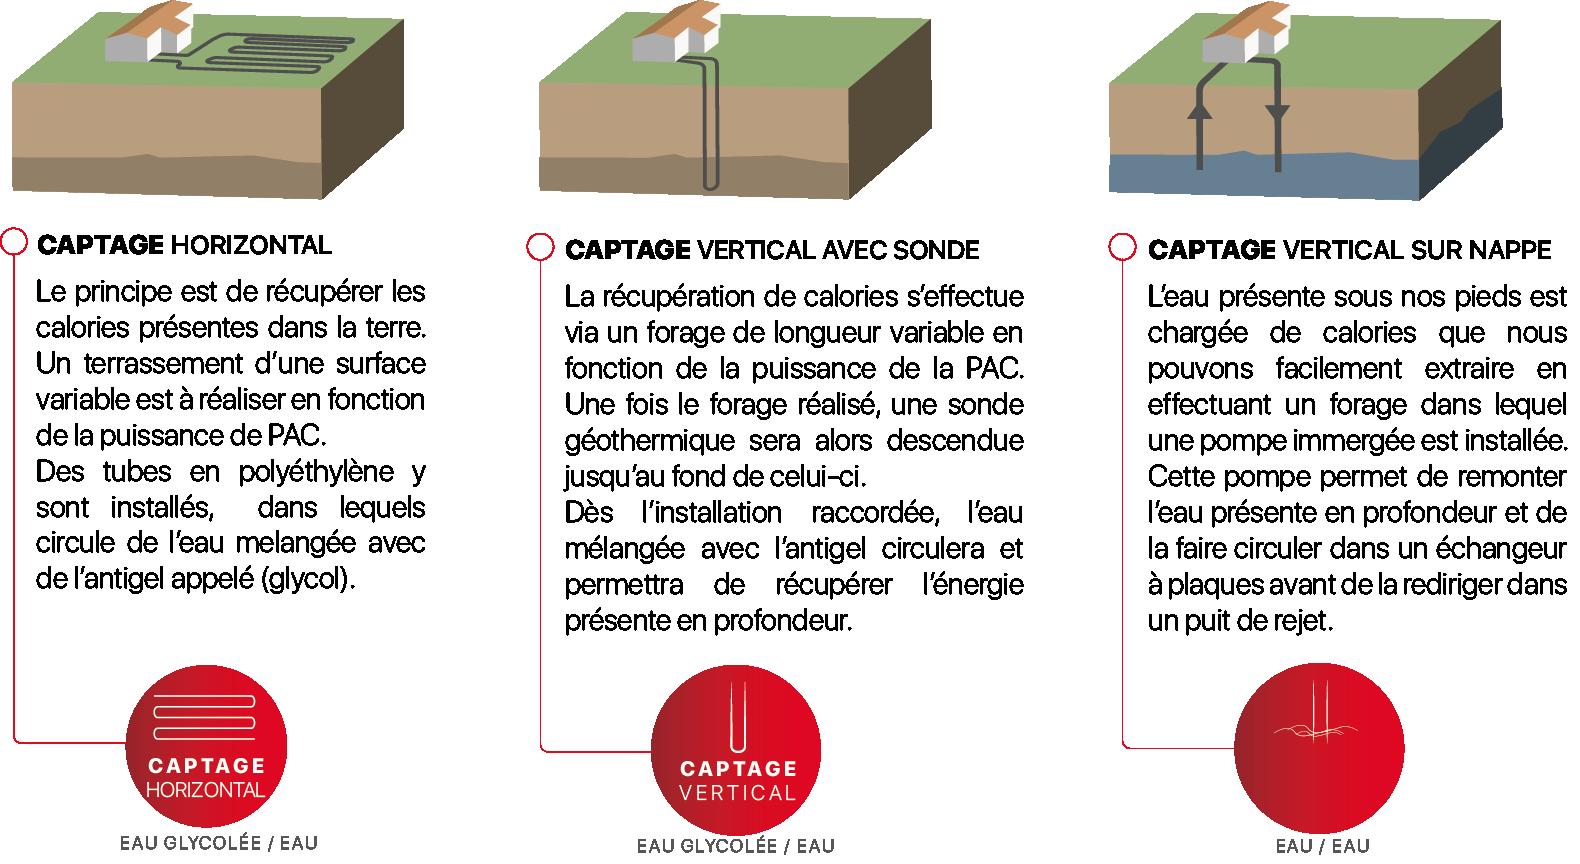 Les différents moyen d'utilisation des pompes à chaleur géothermie